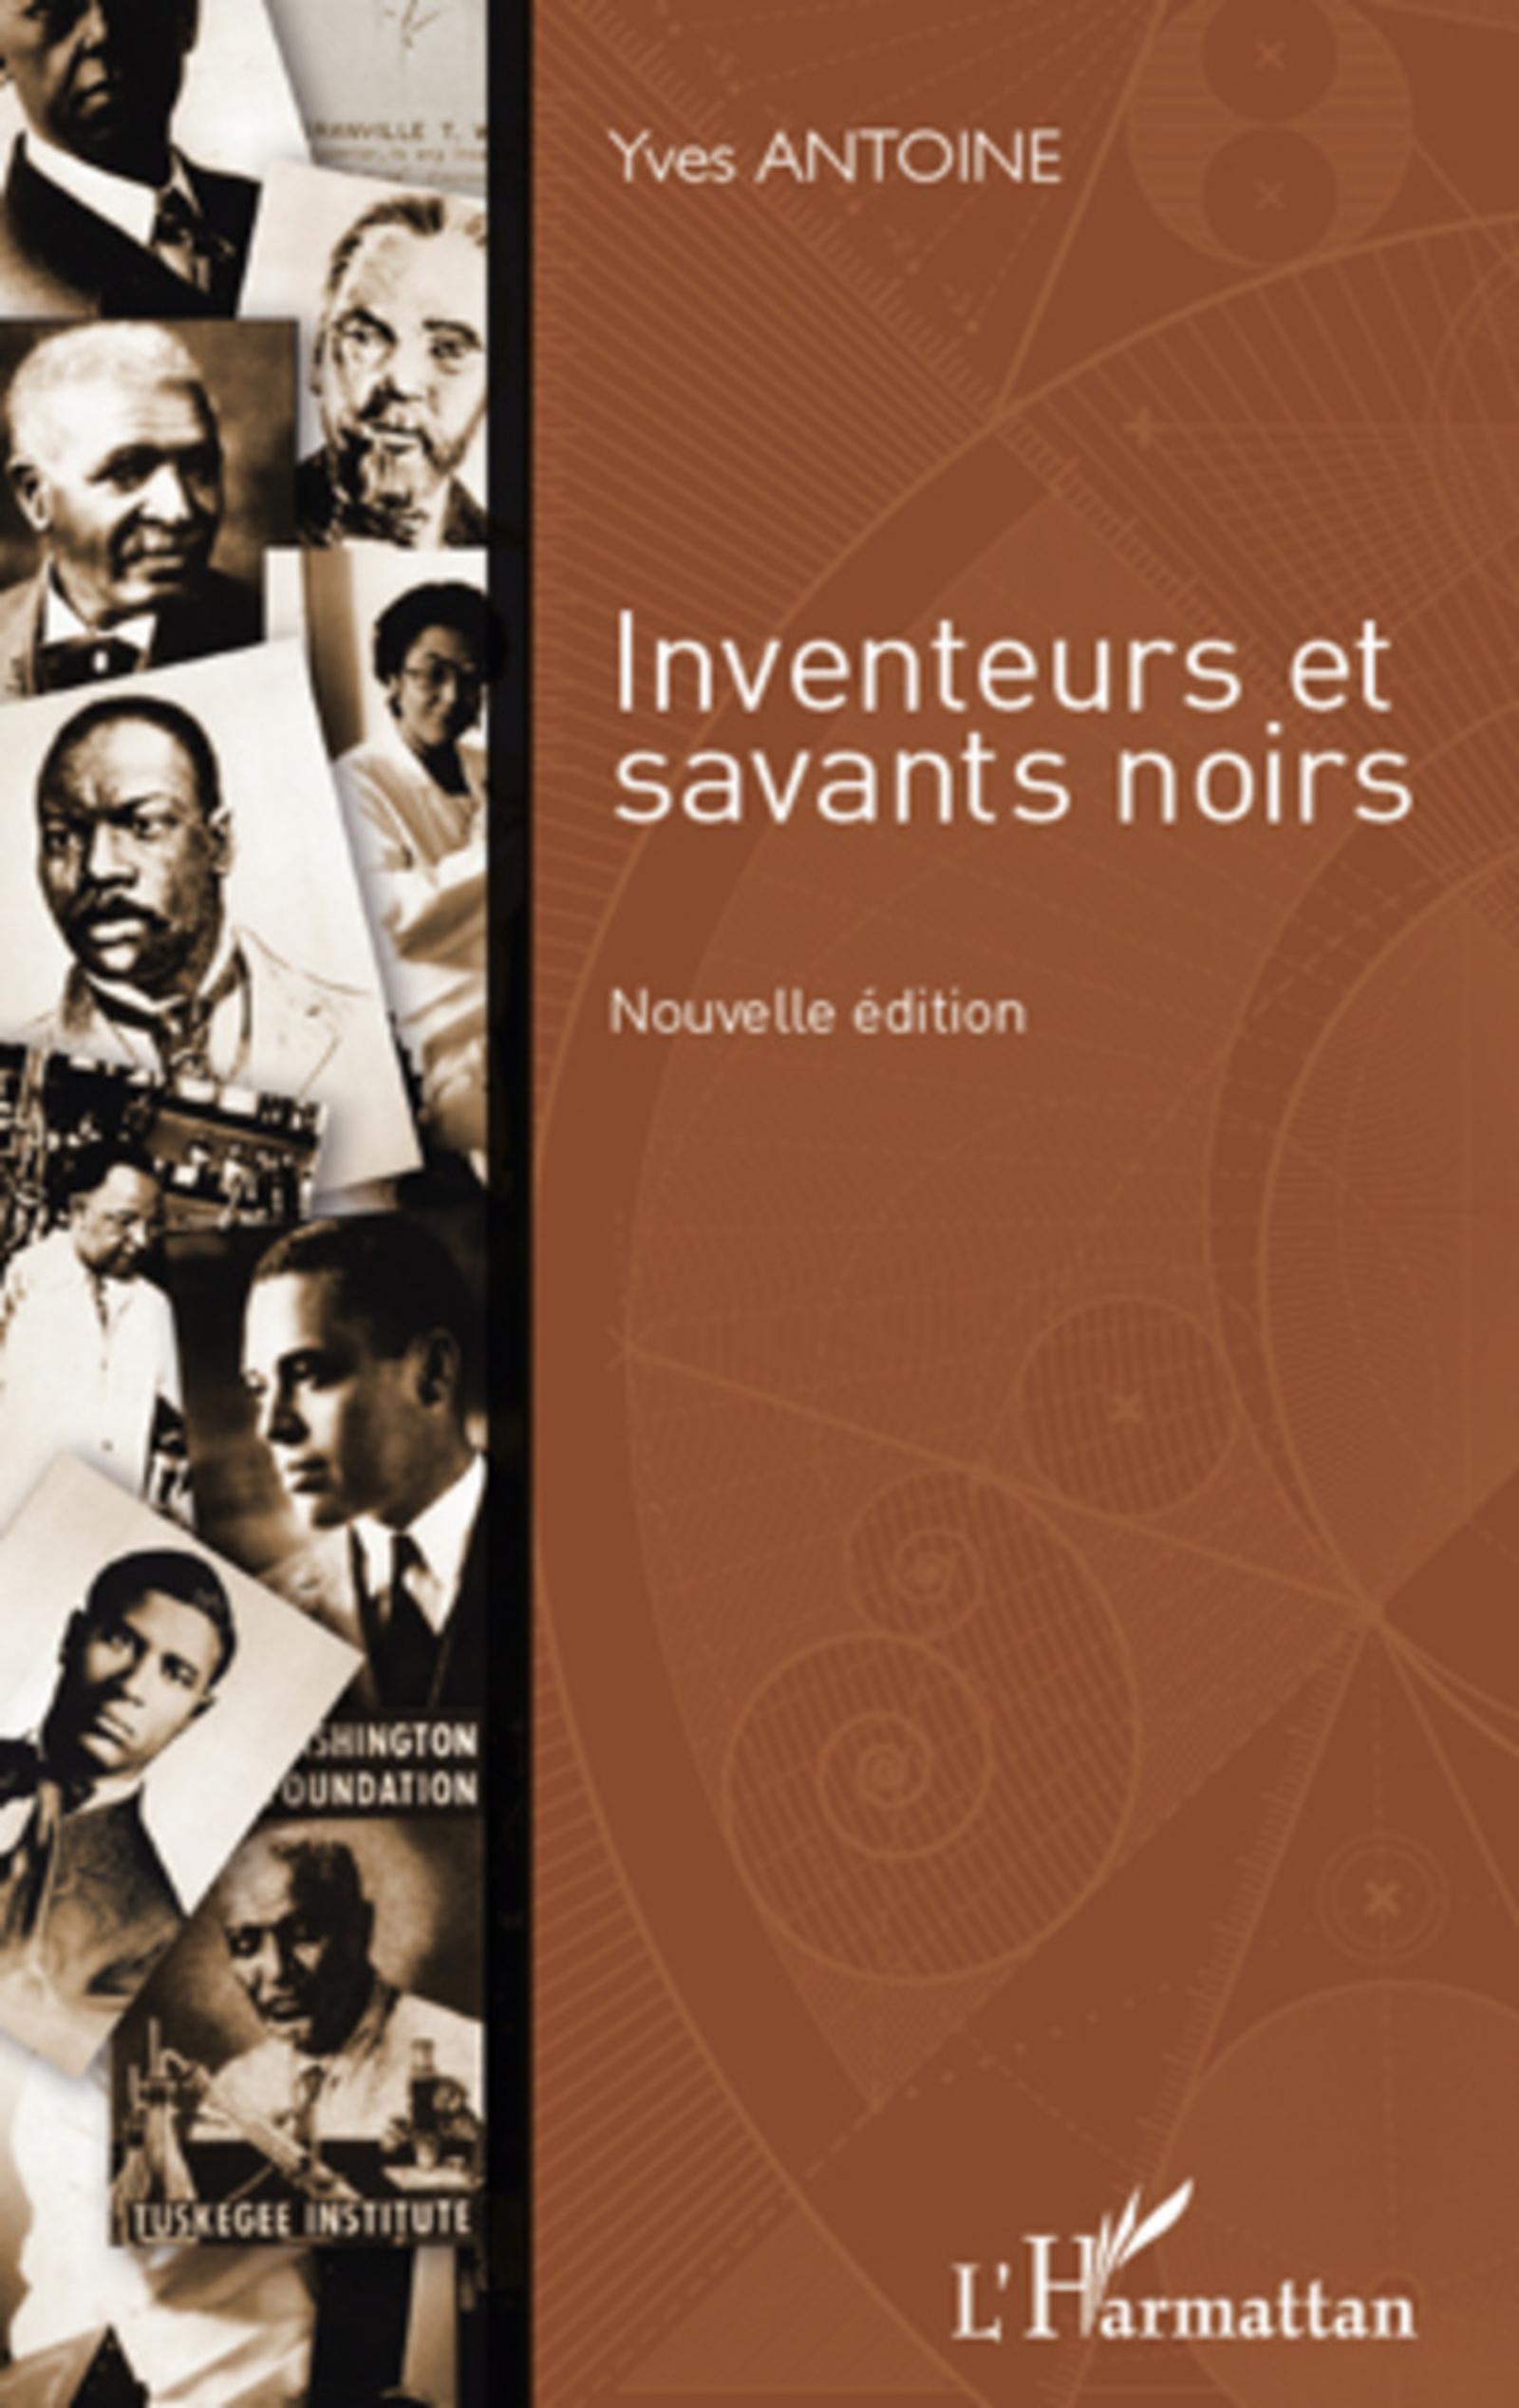 INVENTEURS ET SAVANTS NOIRS (NOUVELLE EDITION)